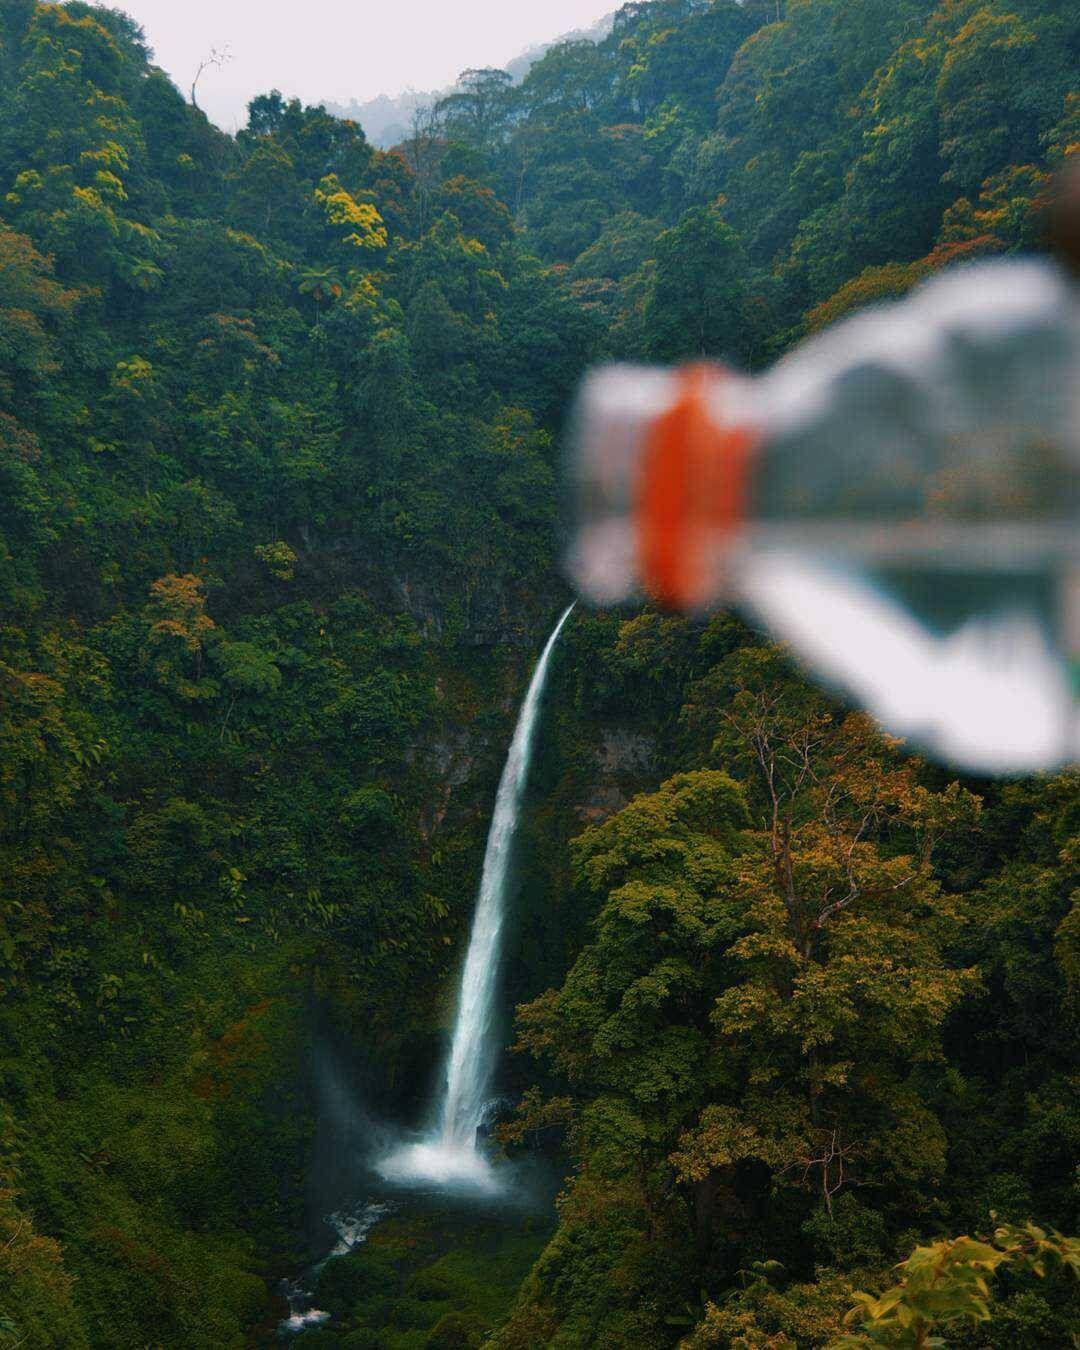 COBAN PELANGI | Air terjun, Pelangi, dan Air